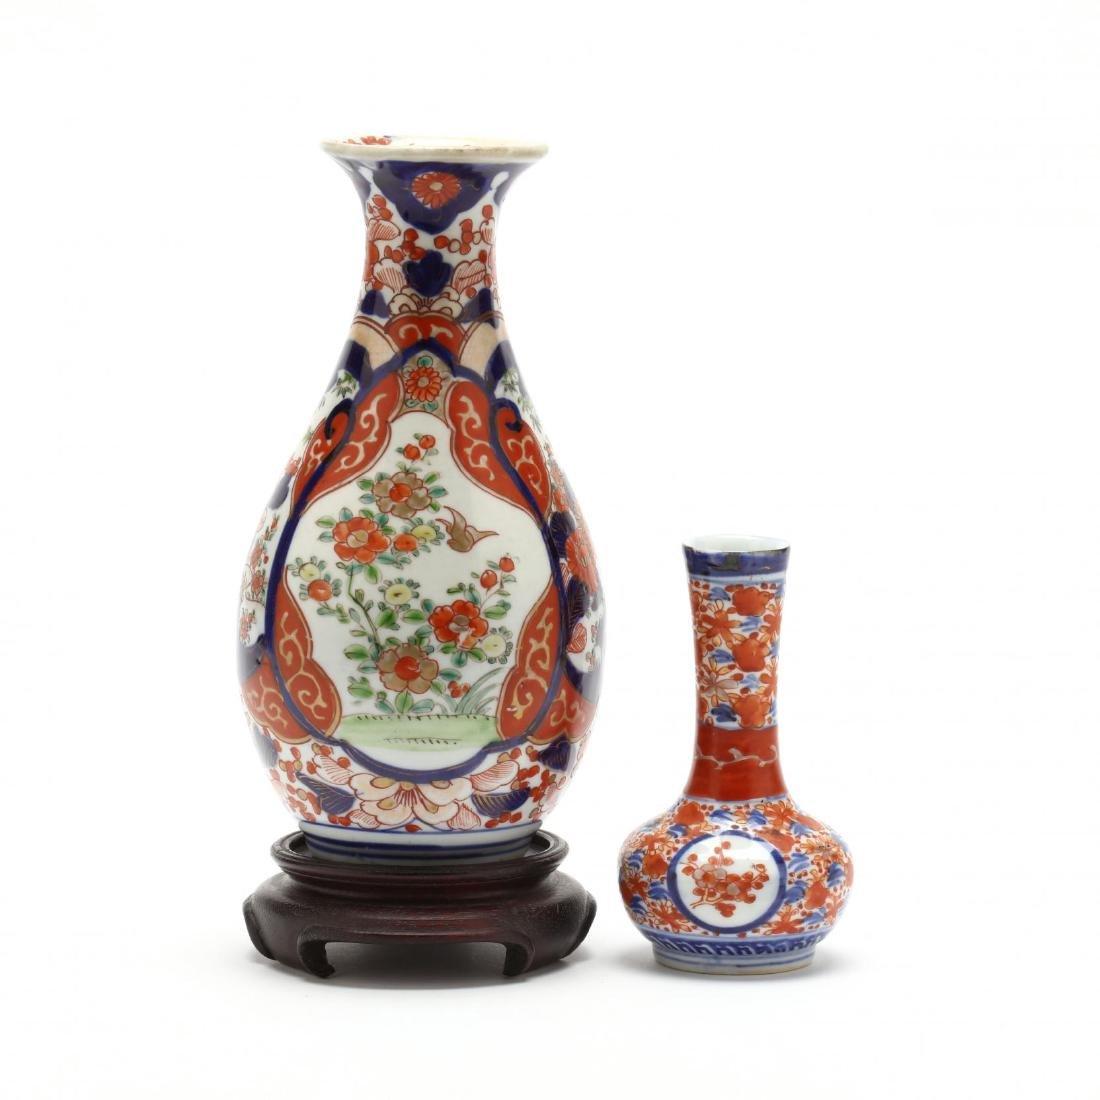 Two Japanese Imari Porcelain Vases